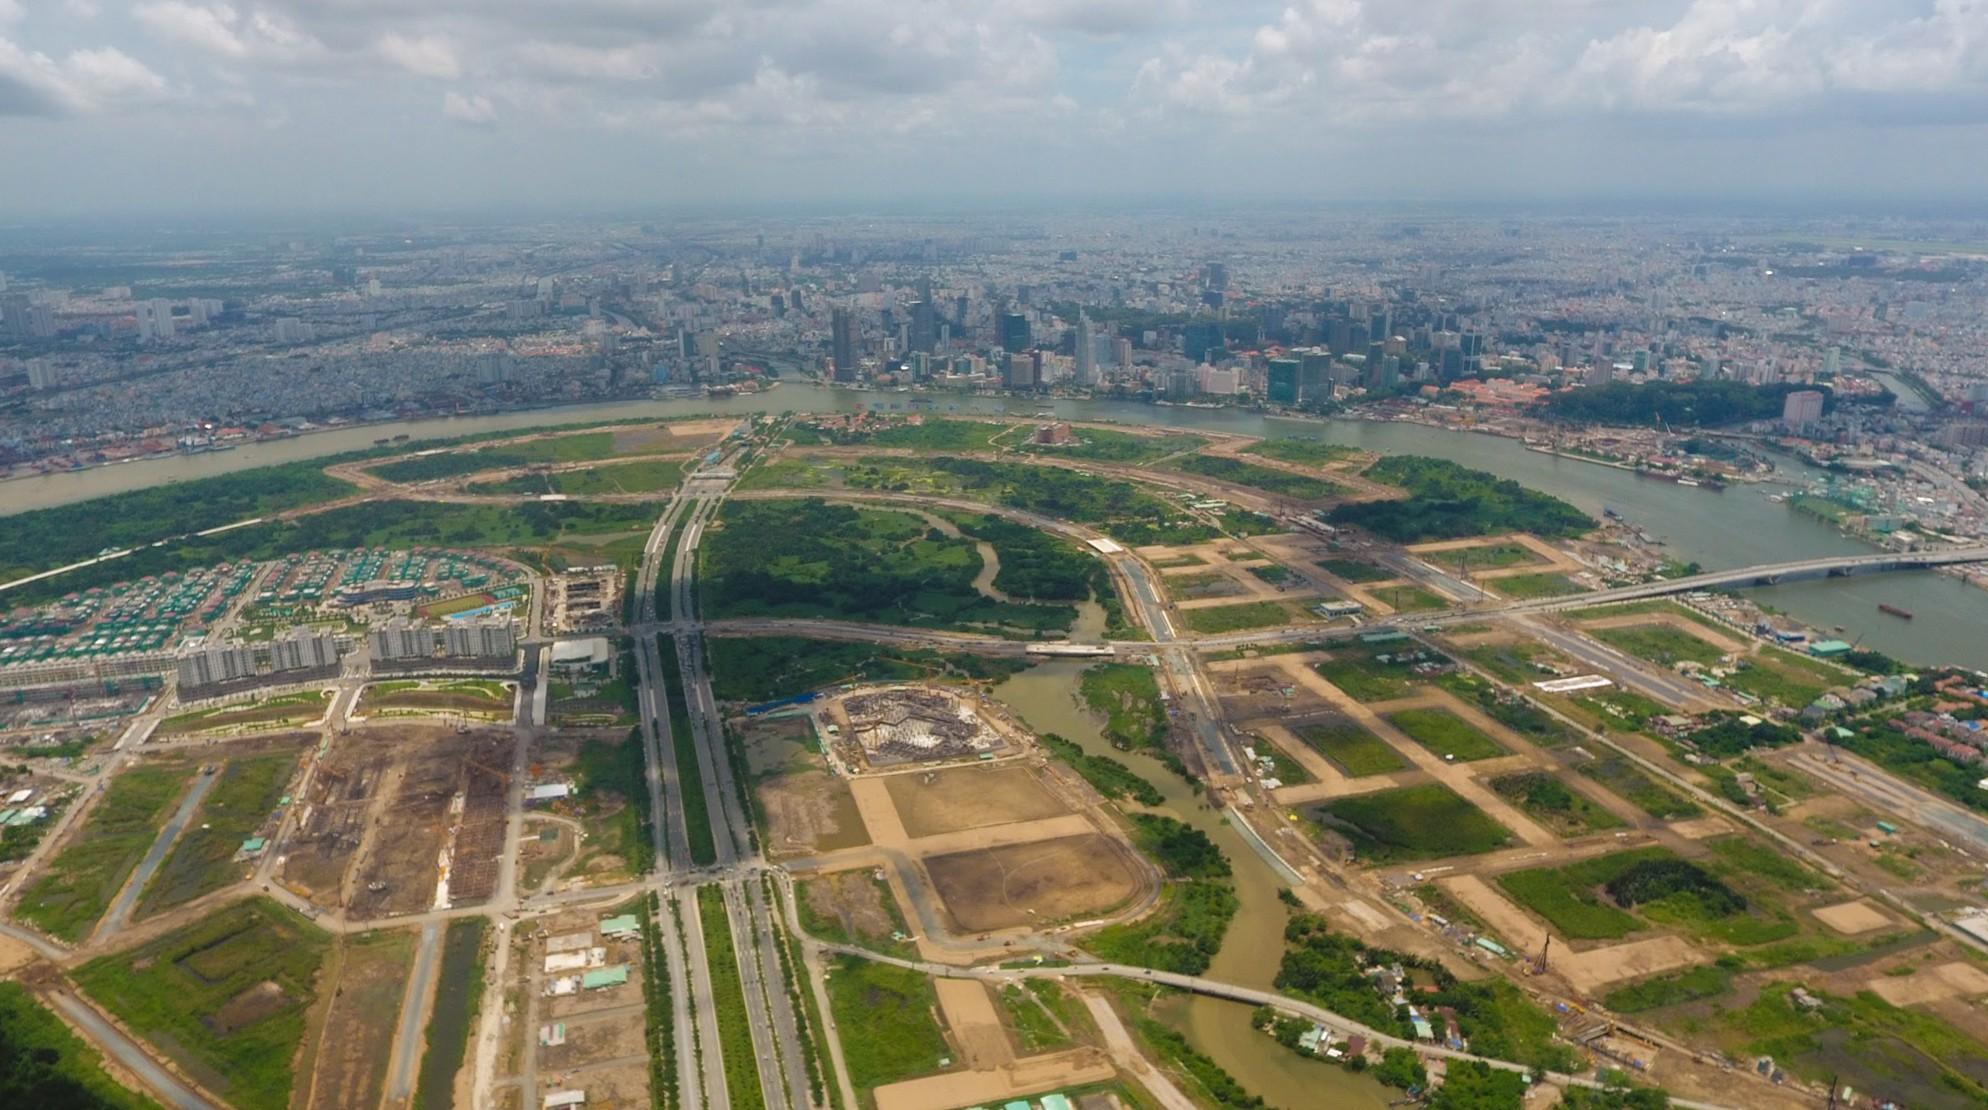 Diện mạo bán đảo Thủ Thiêm - khu đô thị đẹp nhất Sài Gòn nhìn từ trên cao - Ảnh 8.